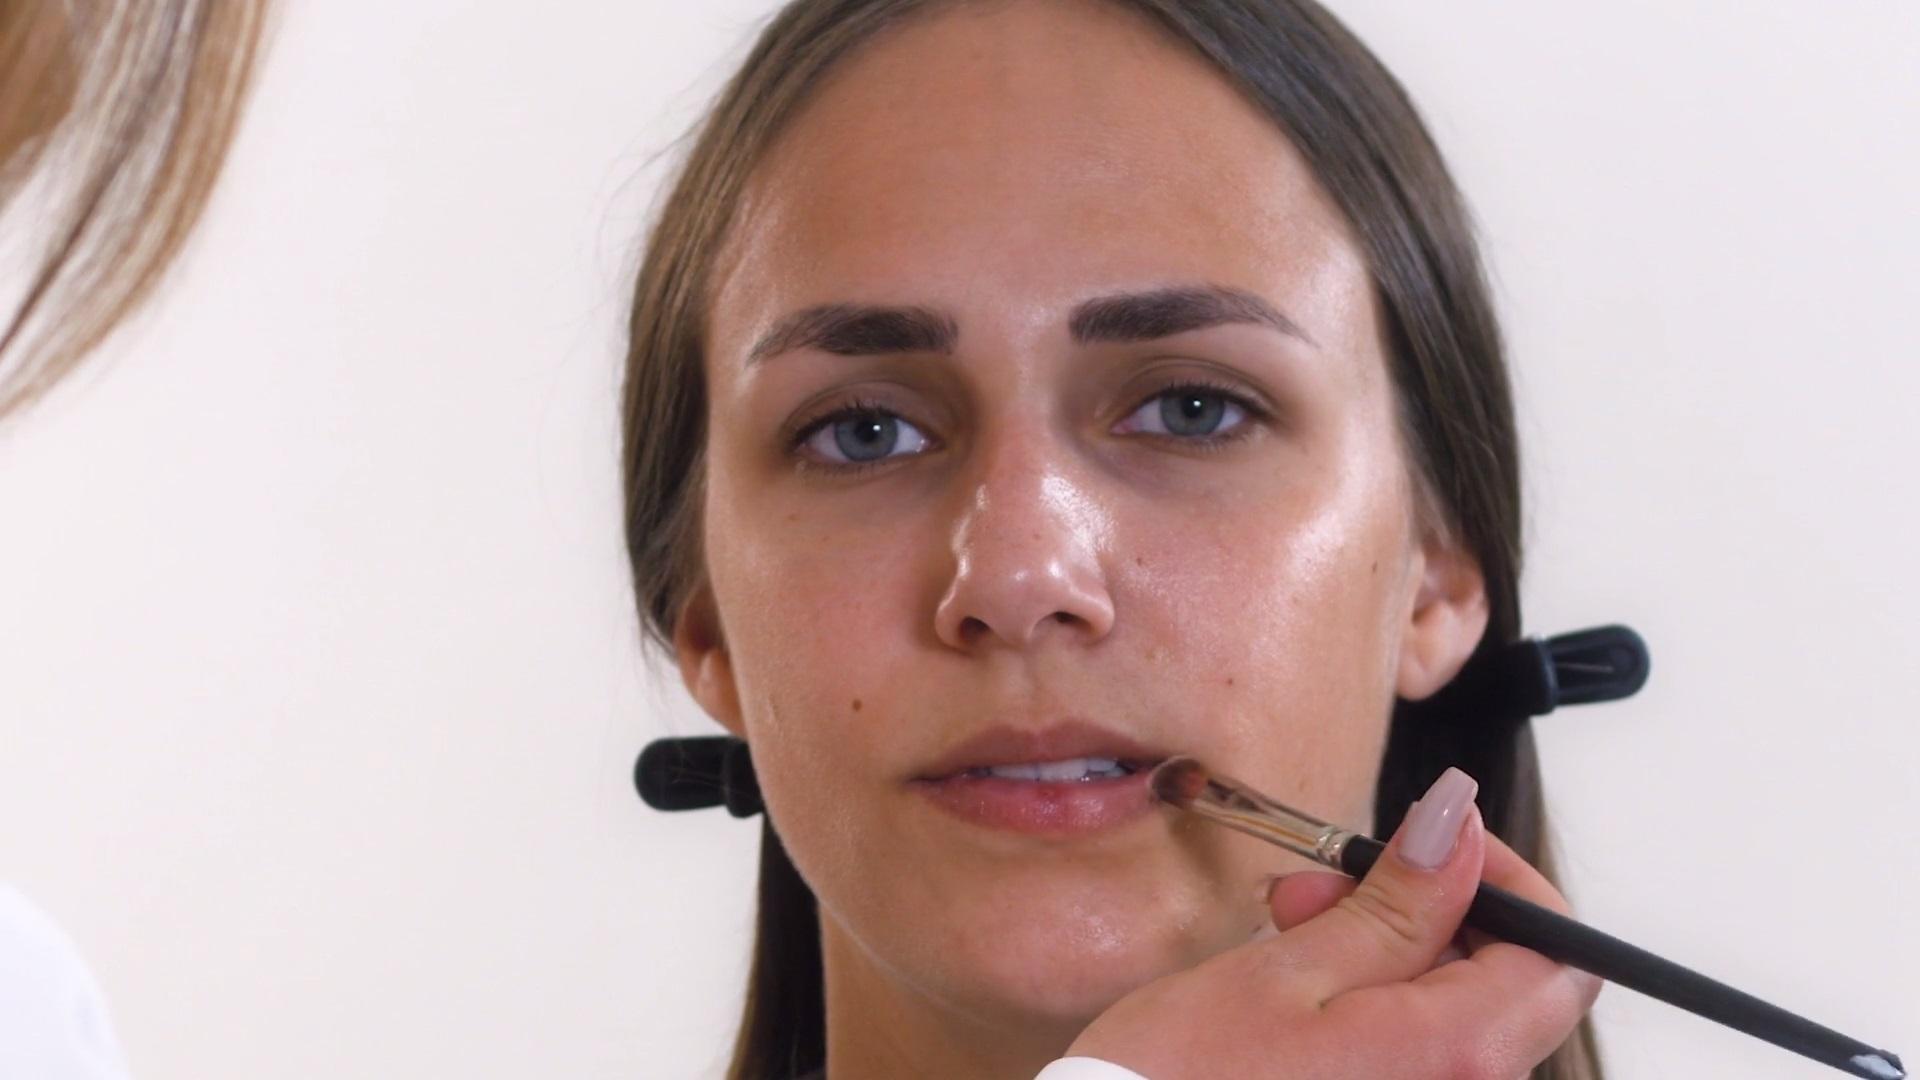 Lippen und Gesichtspflege Tages Make-Up